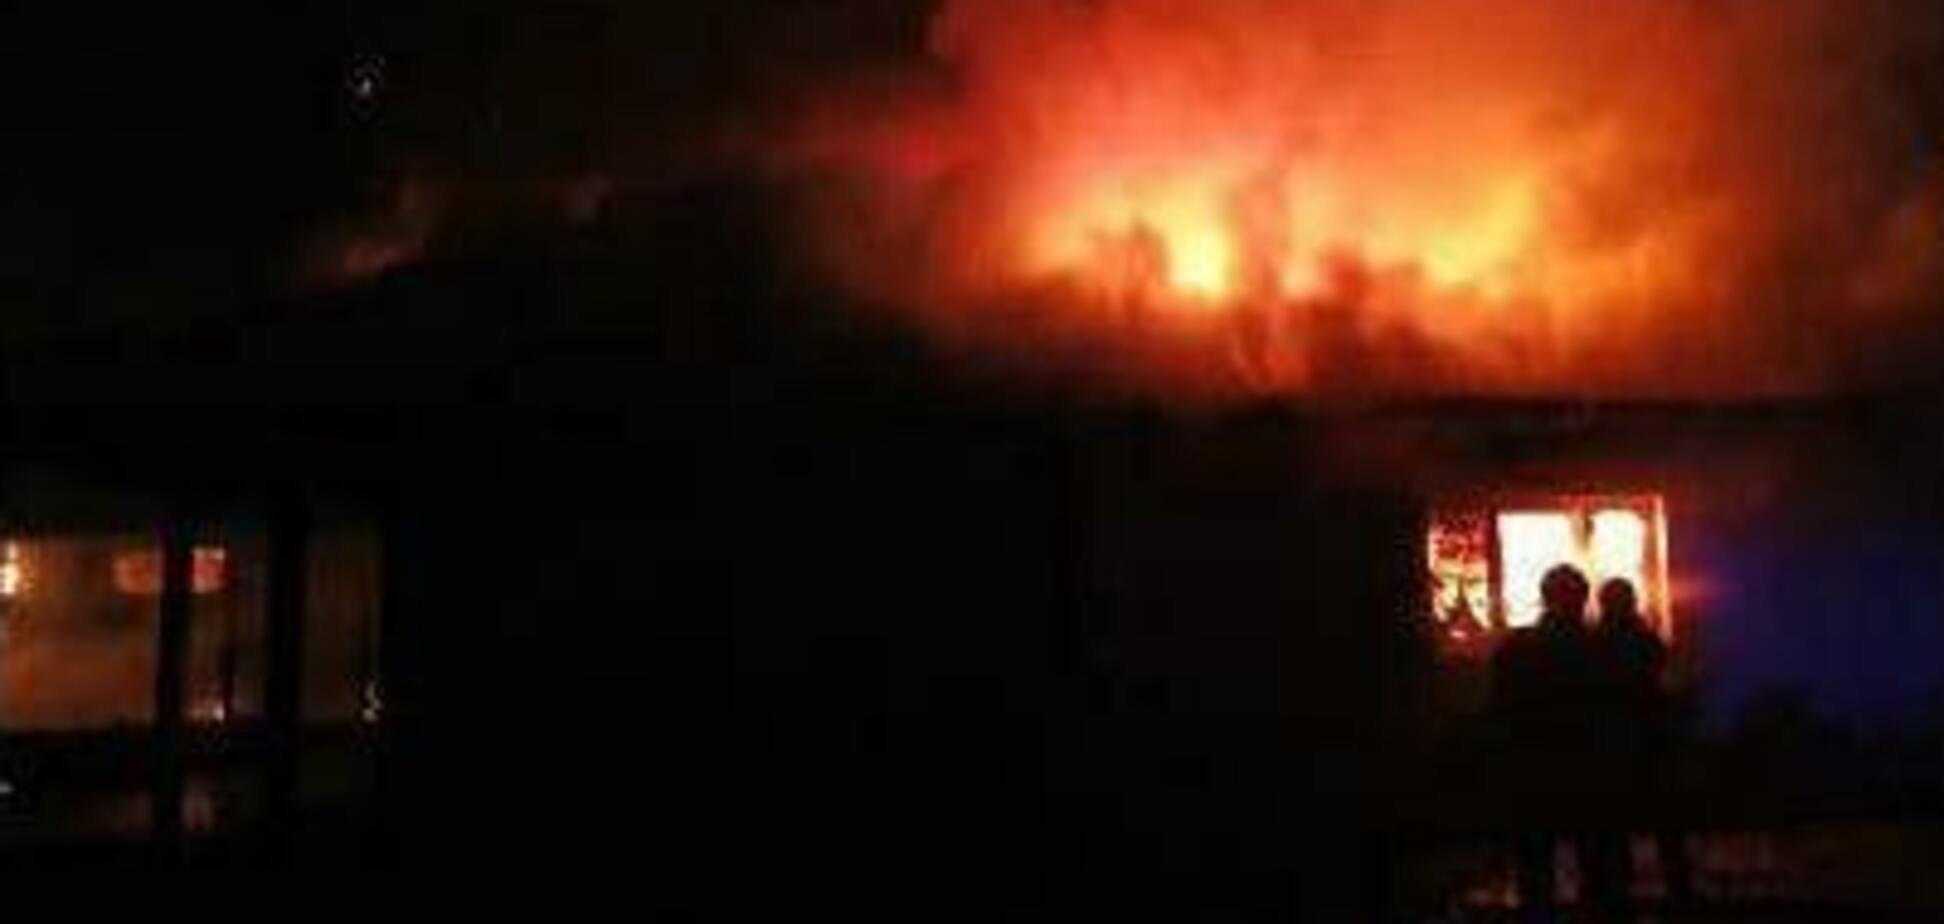 Під Києвом згоріла дача Гонтаревої: з'явилося уточнення щодо постраждалих